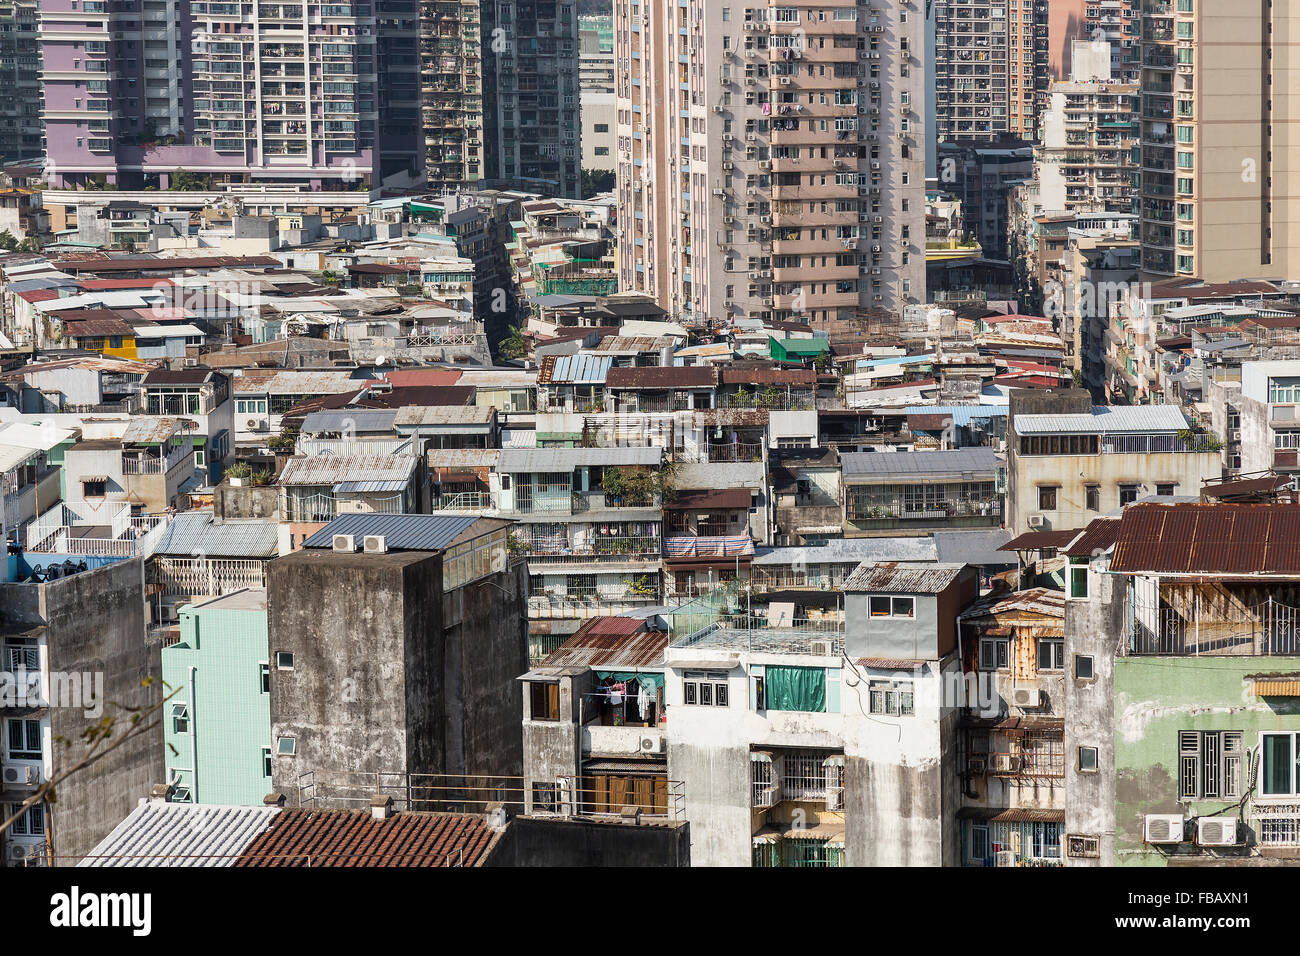 Architettura di Macau, Cina. Immagini Stock